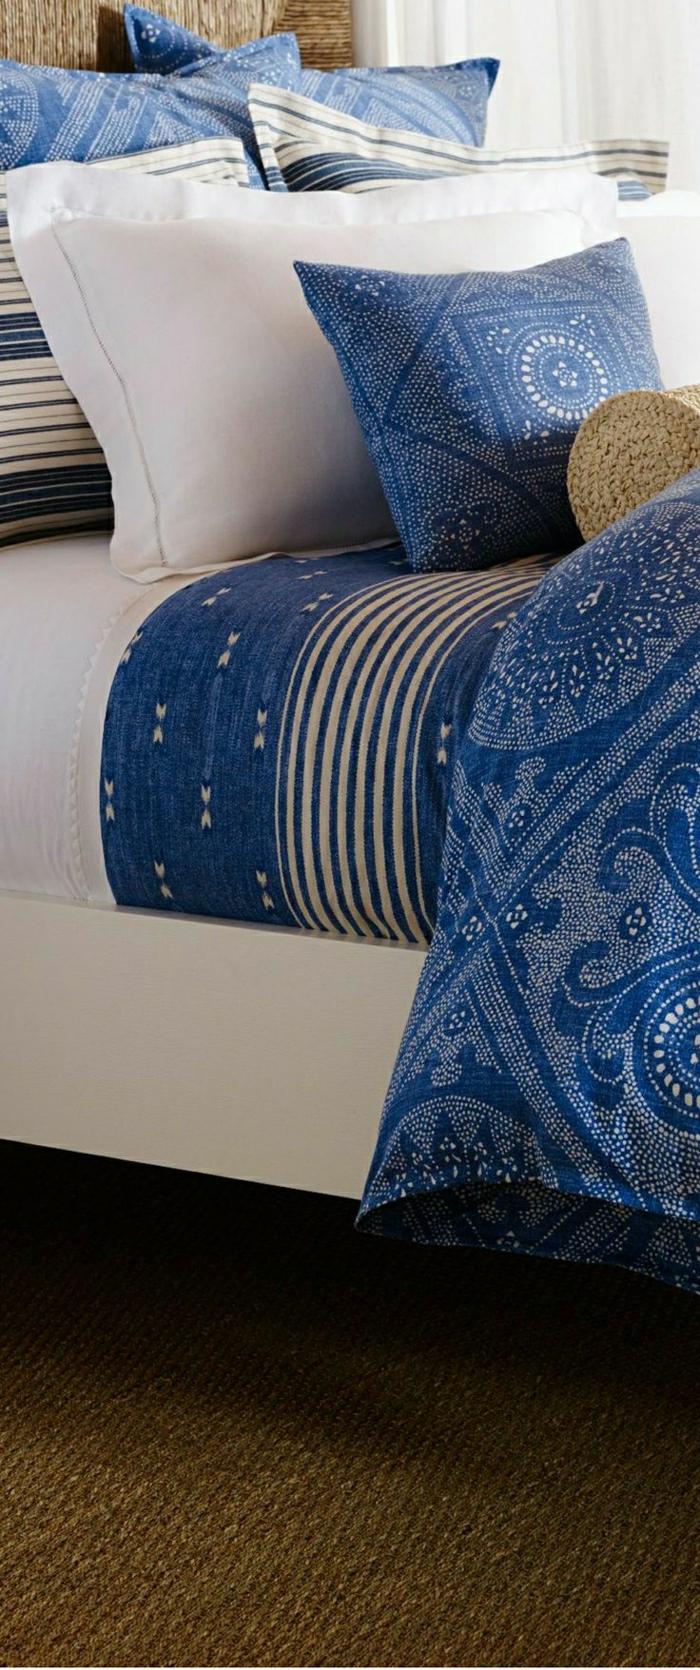 schöne-Boho-Chic-Bettwäsche-blau-weiß-Rattanbett-Teppich